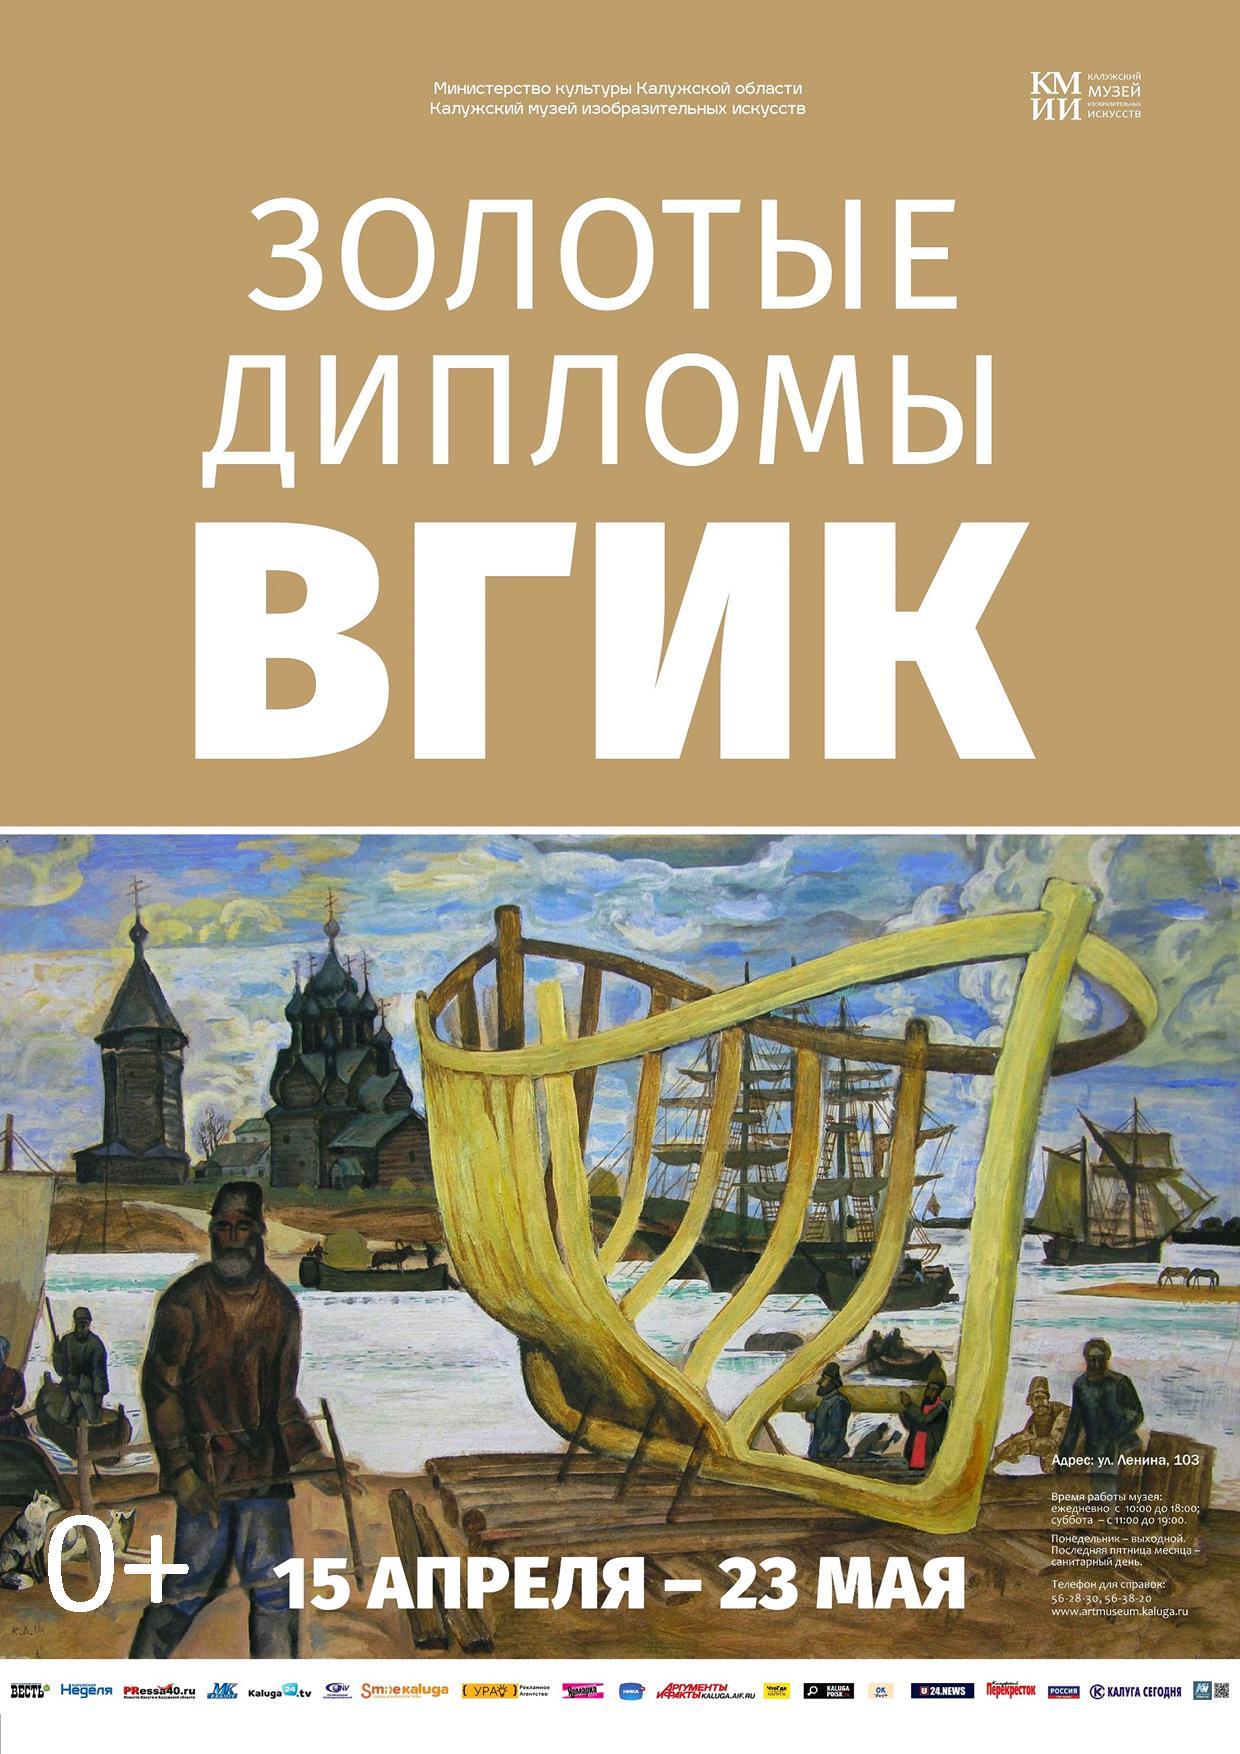 Выставка «Золотые дипломы ВГИКа» 0+